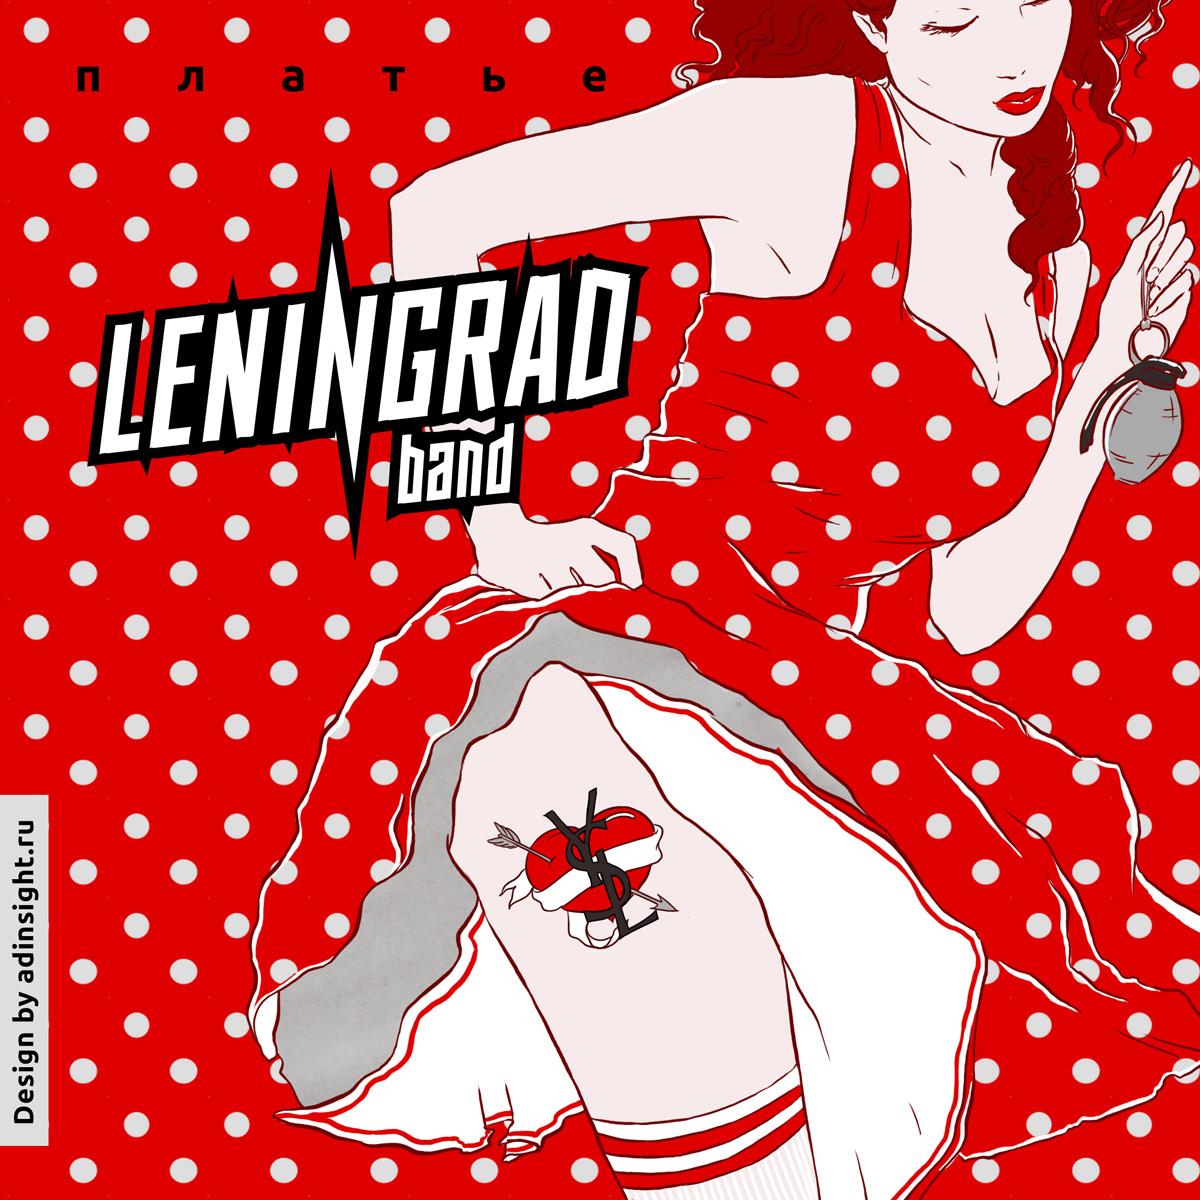 Anmeldung, Abdeckung, Single, Kleid, Gruppe, Leningrad, Schnüre